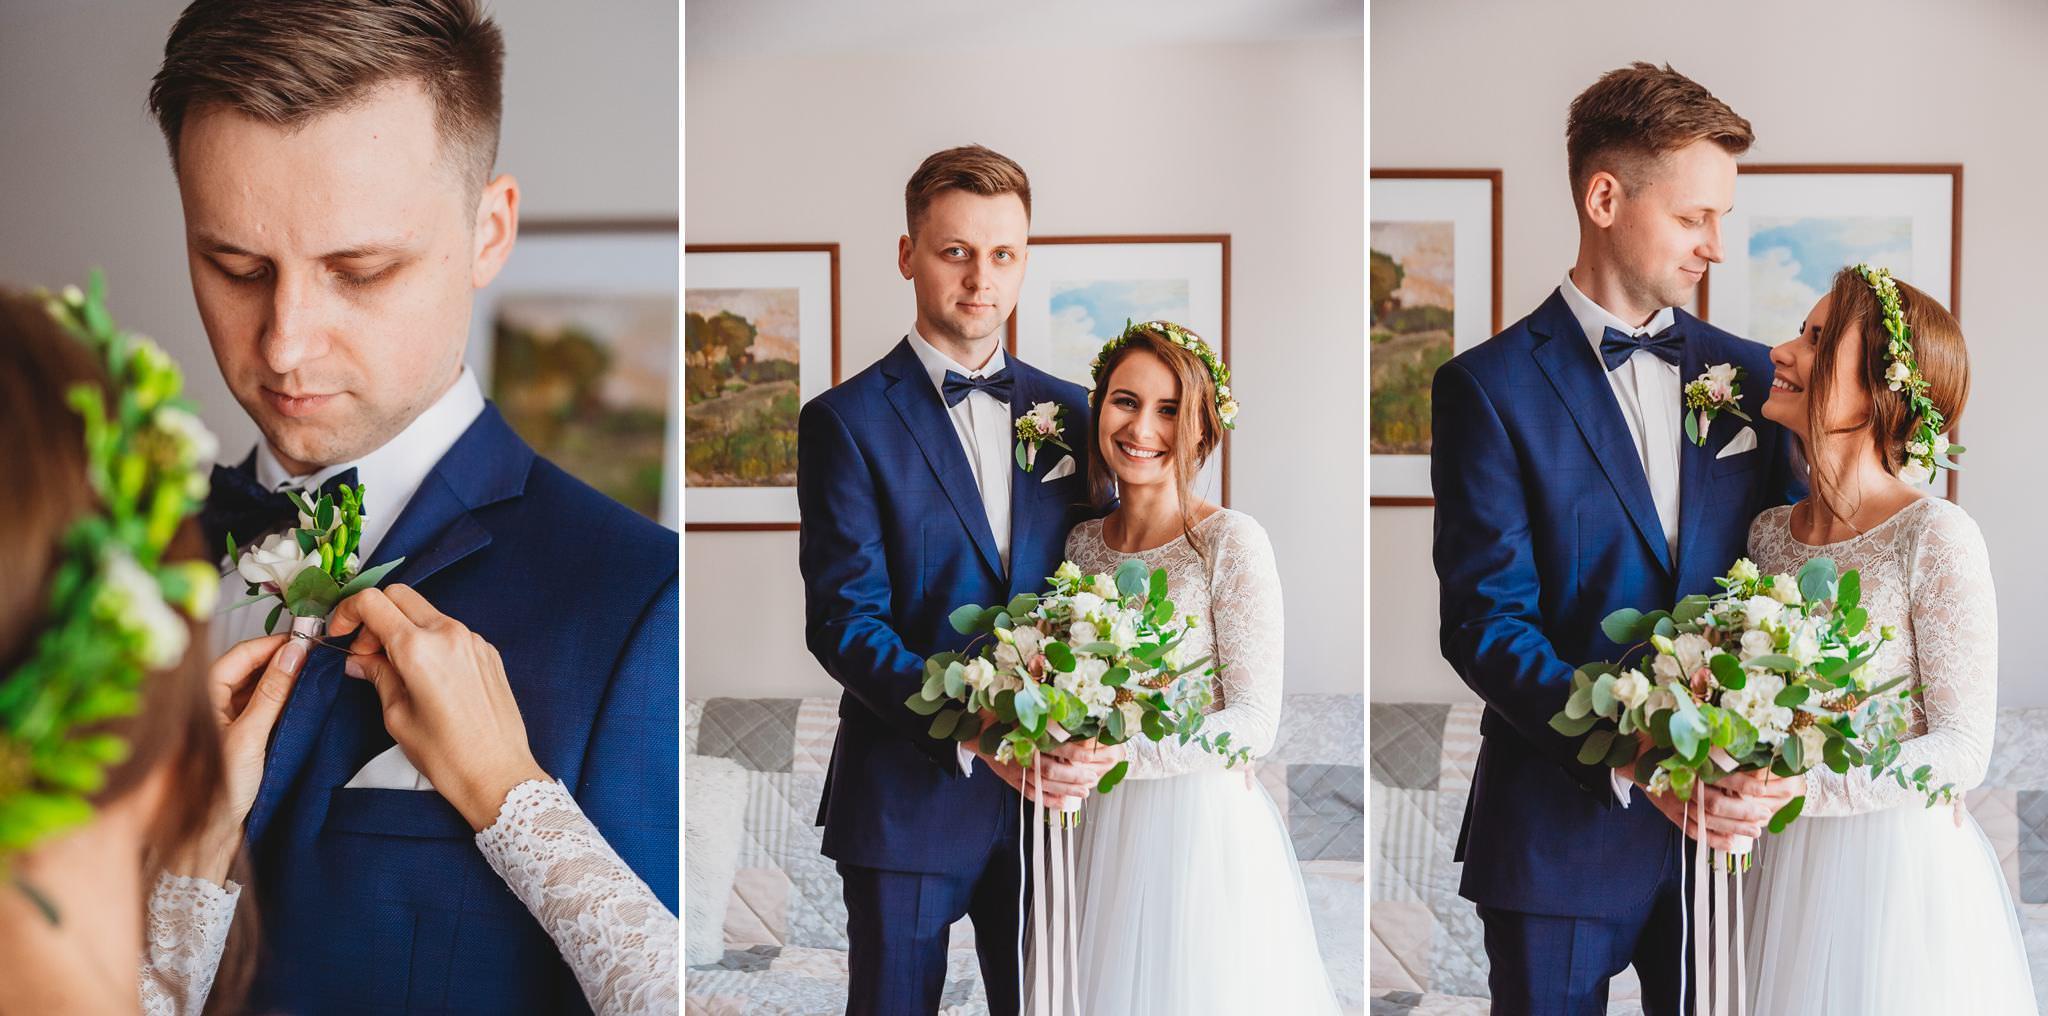 Fantastyczny ślub w stylu rustykalnym, wesele w Kapitańskiej  fotograf ślubny Konin 65